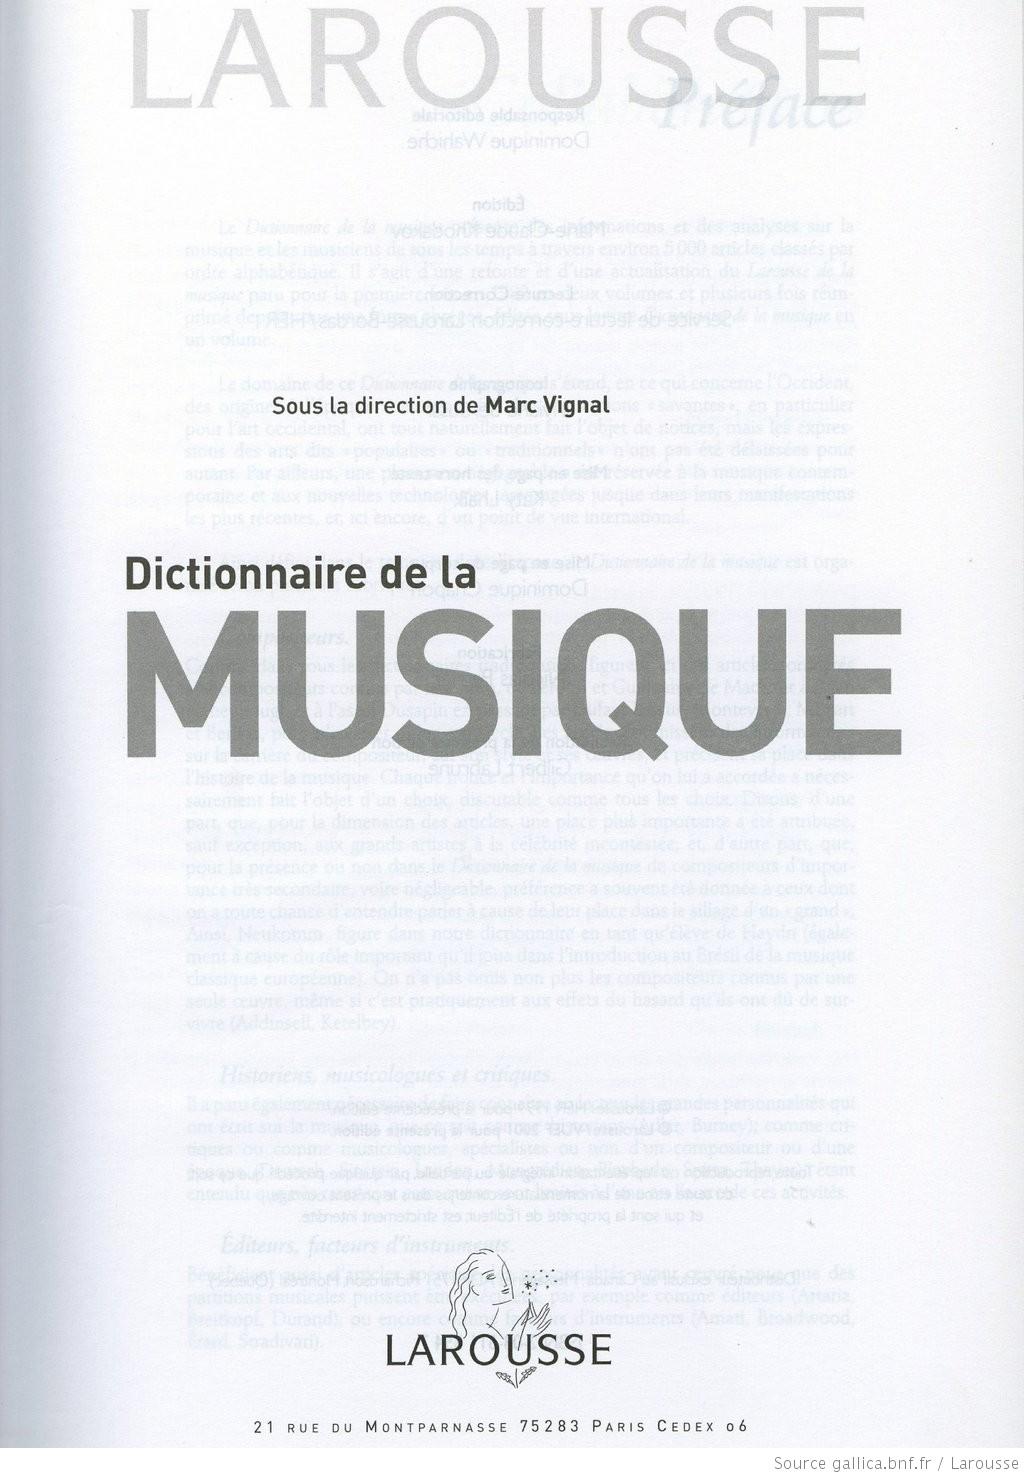 encyclopedie larousse de la musique